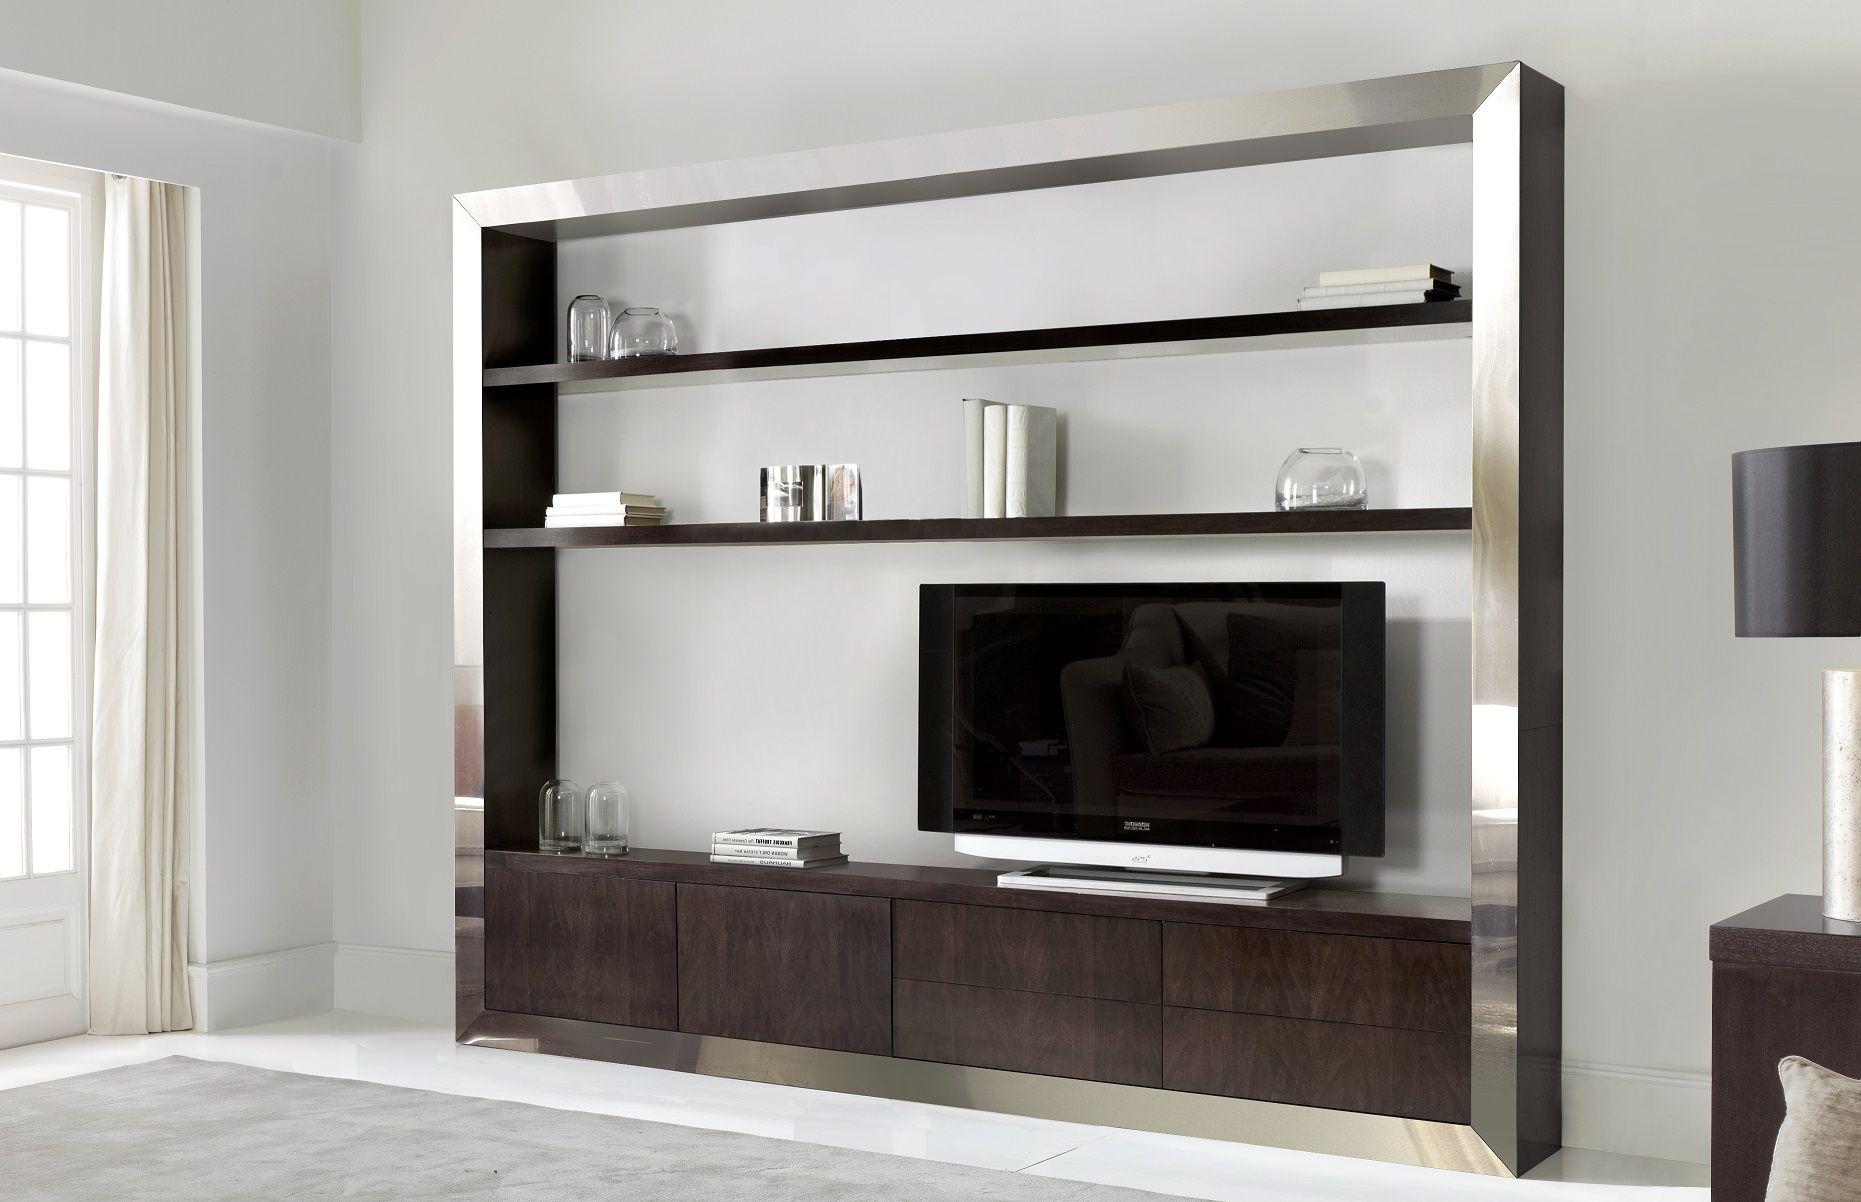 Mueble de televisin con acero